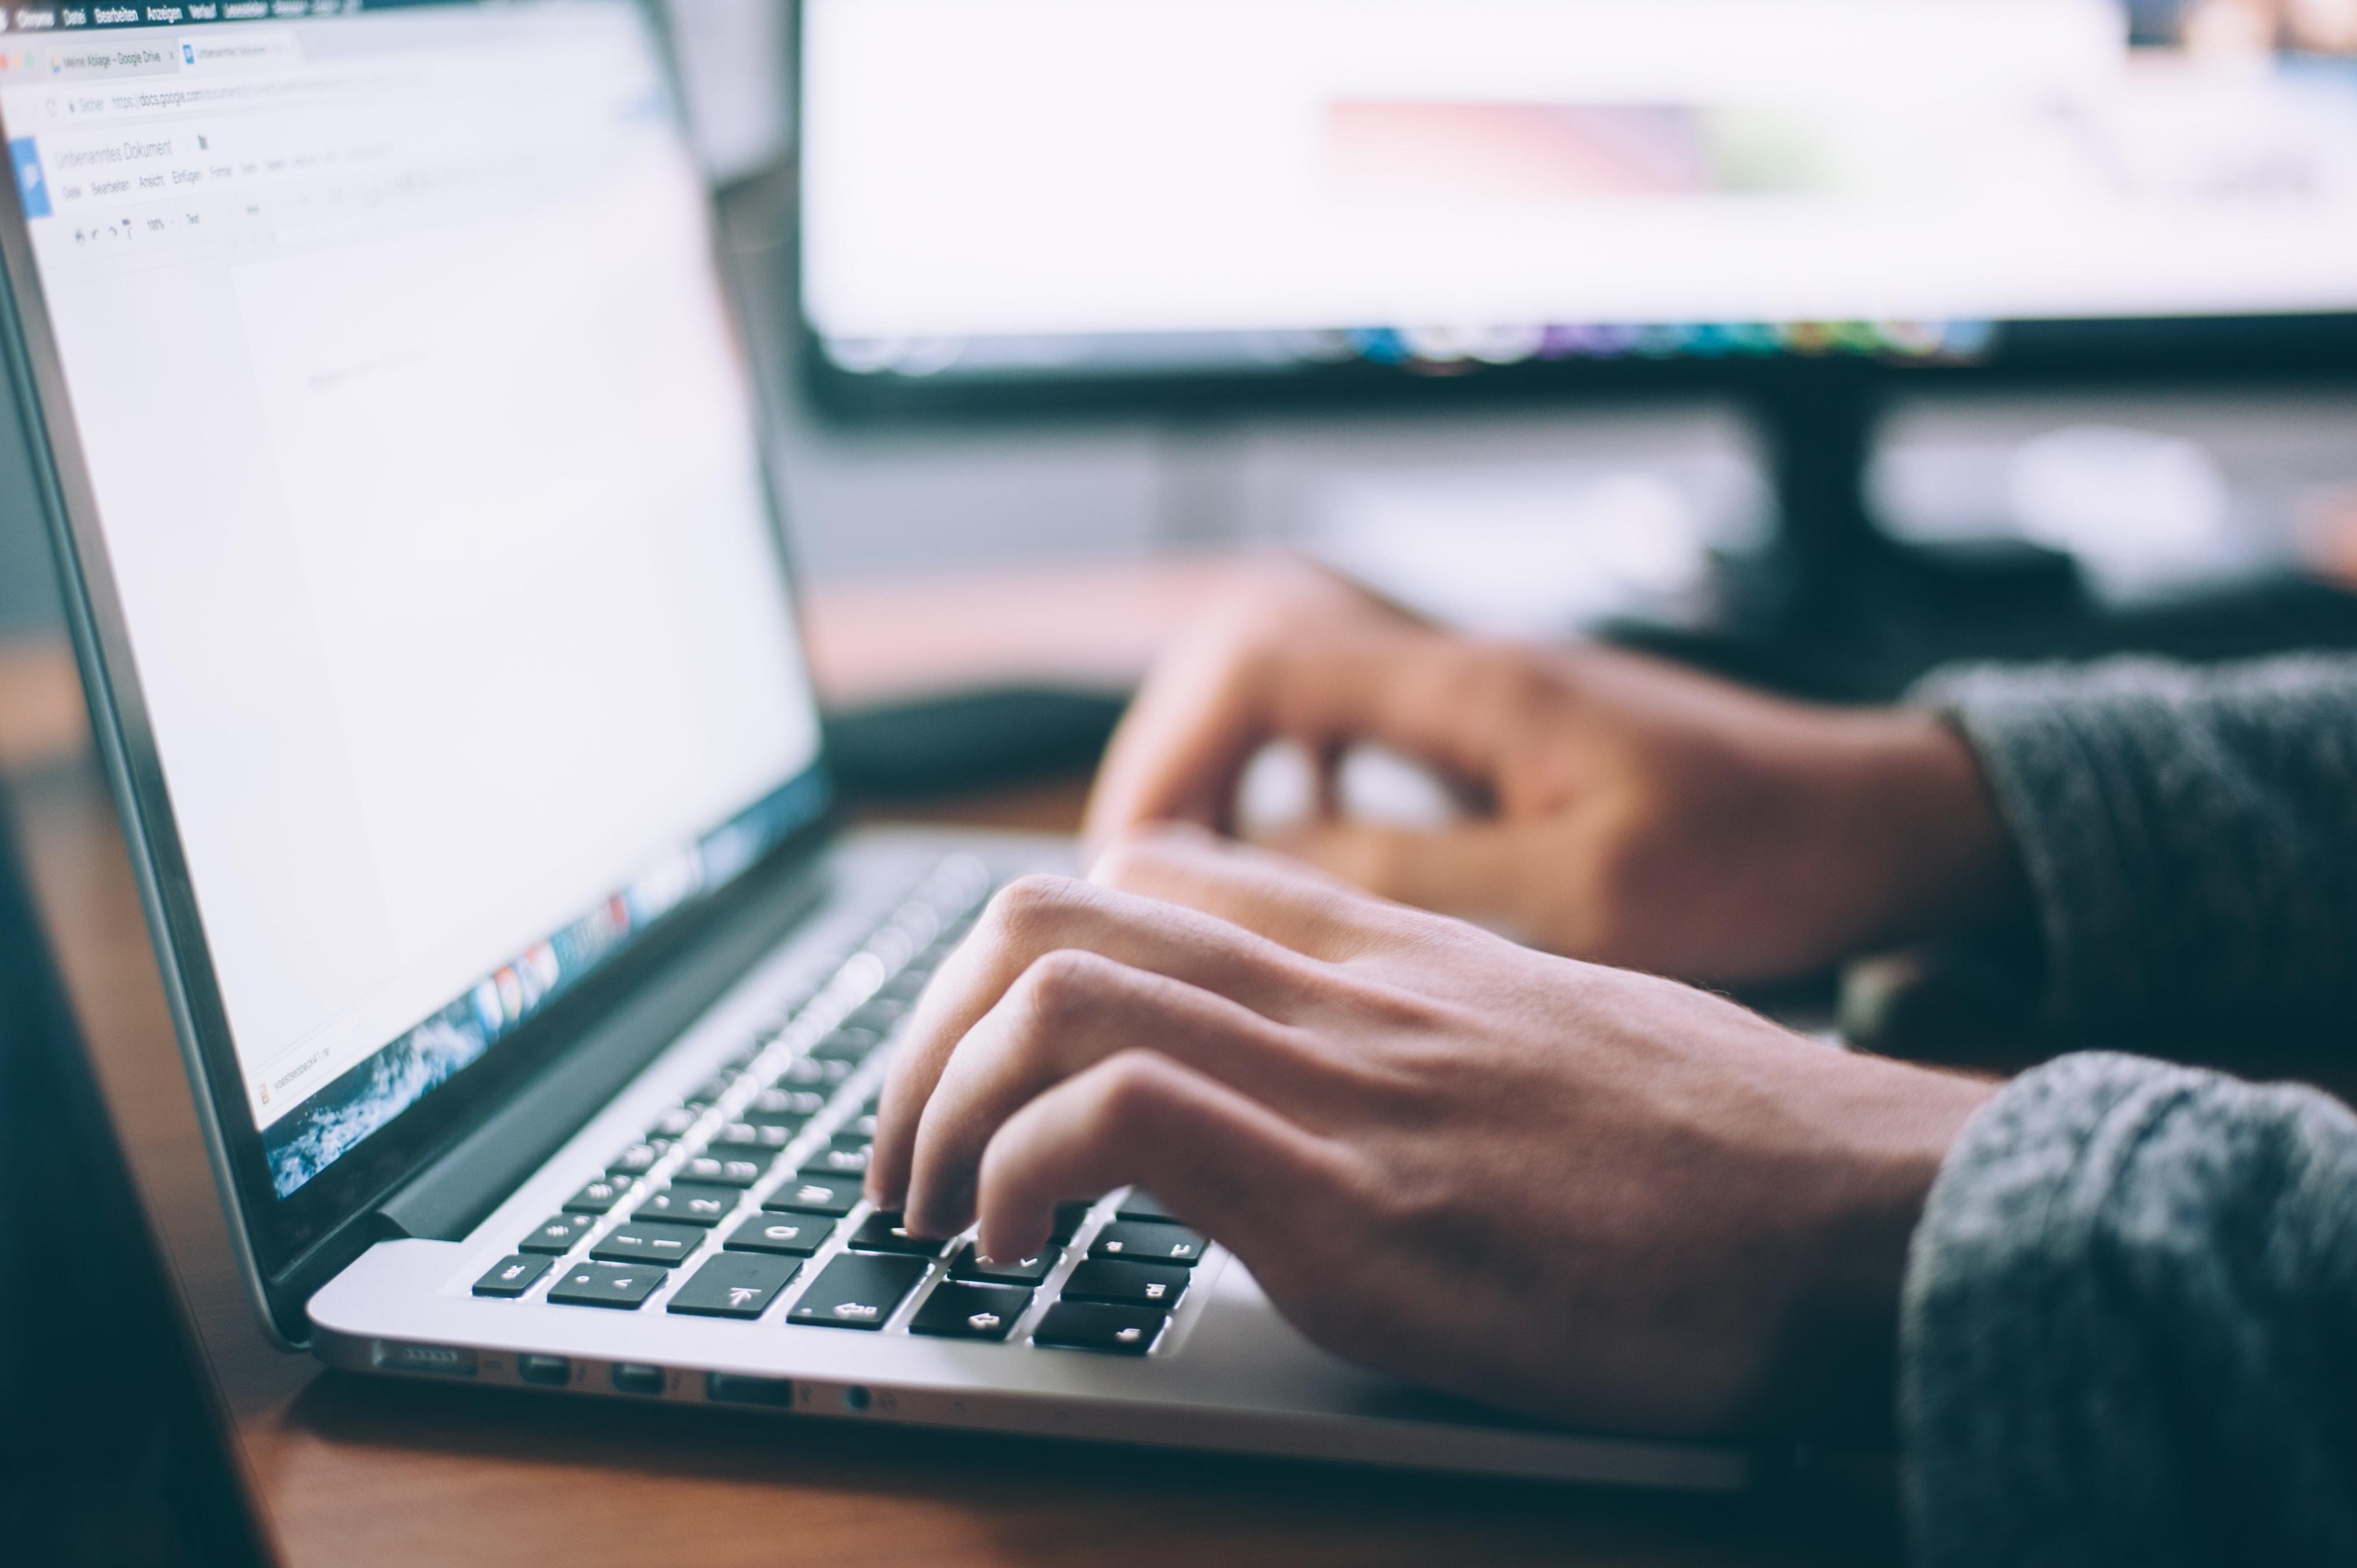 Hände tippen auf einer Computertastatur